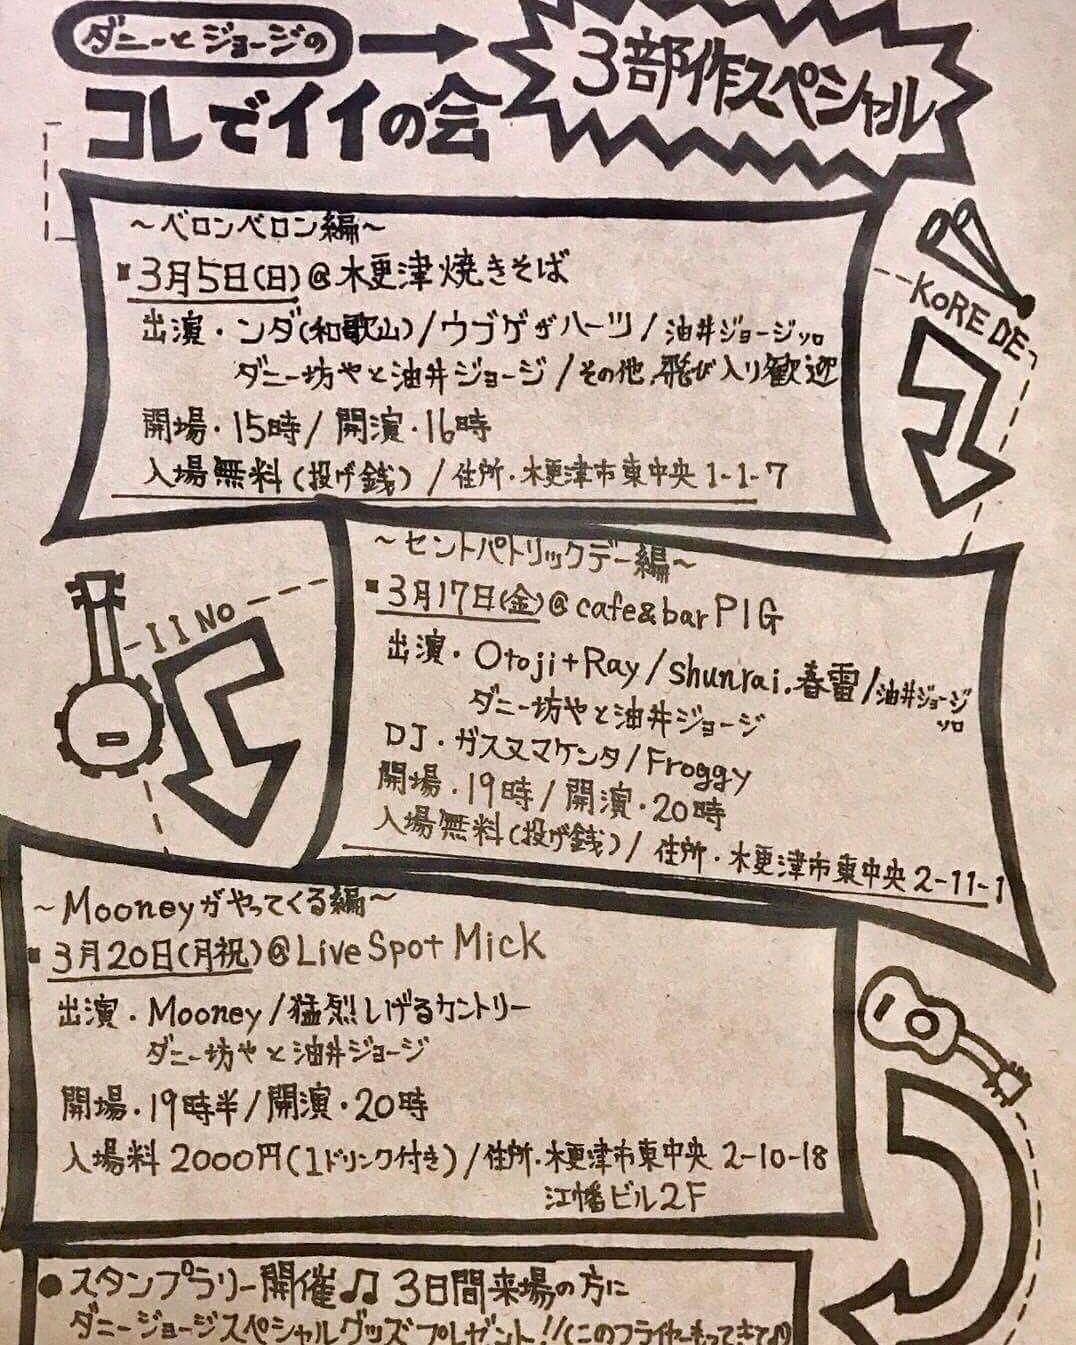 3/17(金)syunrai.春雷、木更津行くよ!